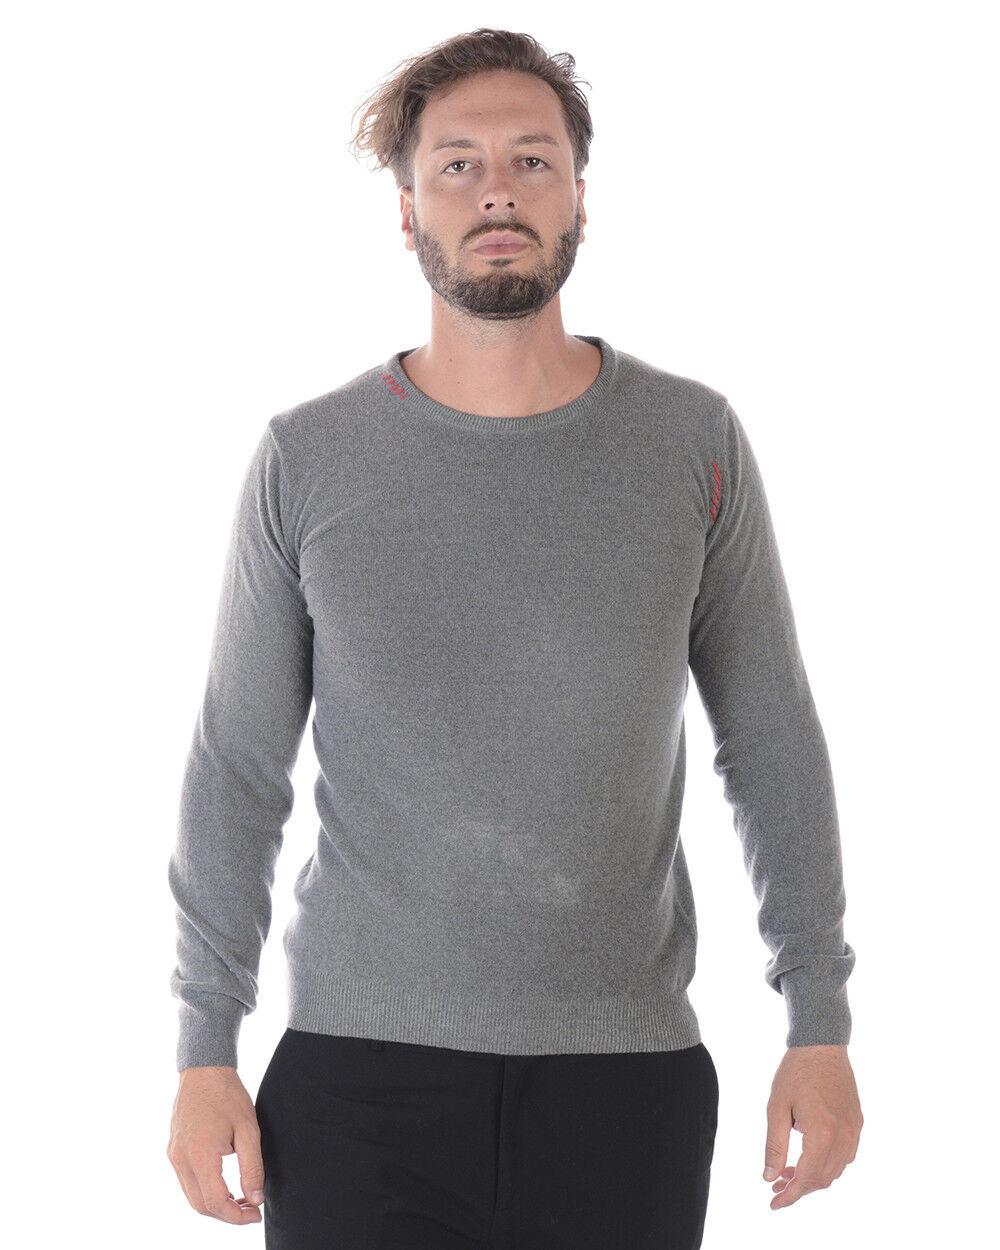 Maglia Maglione Daniele Alessandrini Sweater Lana  Herren Grigio FM901363707 10